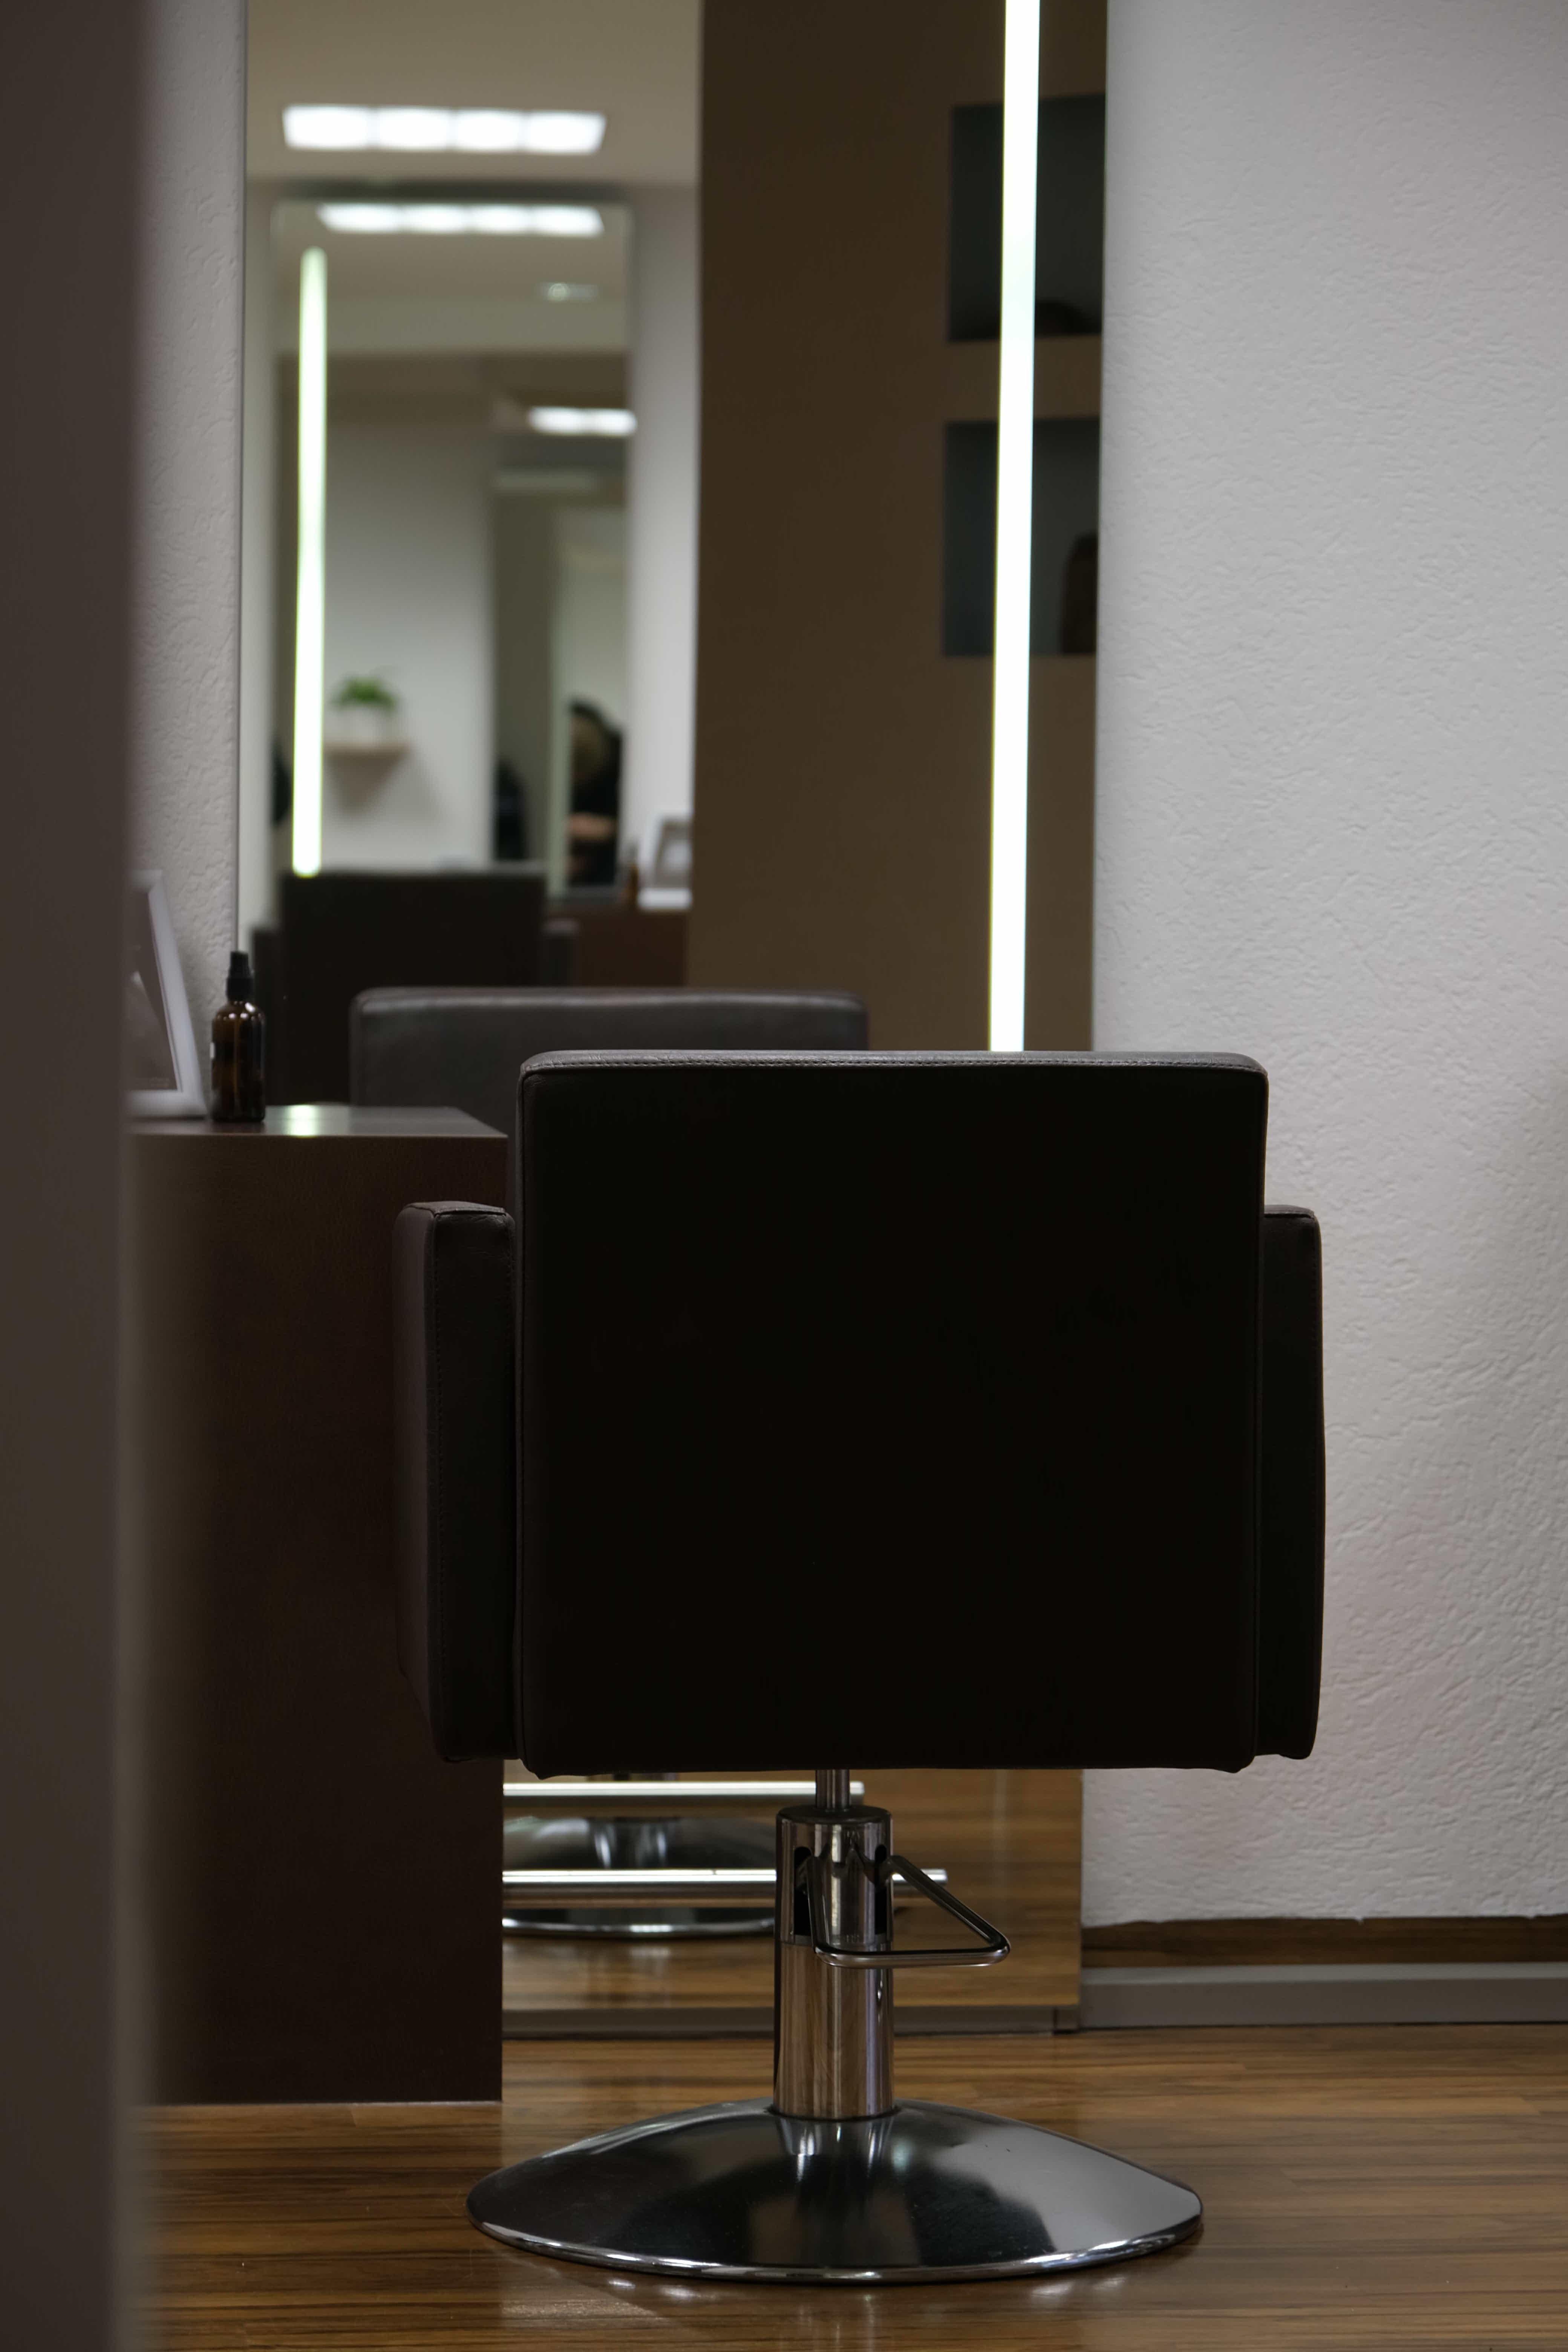 Bild aus Salon